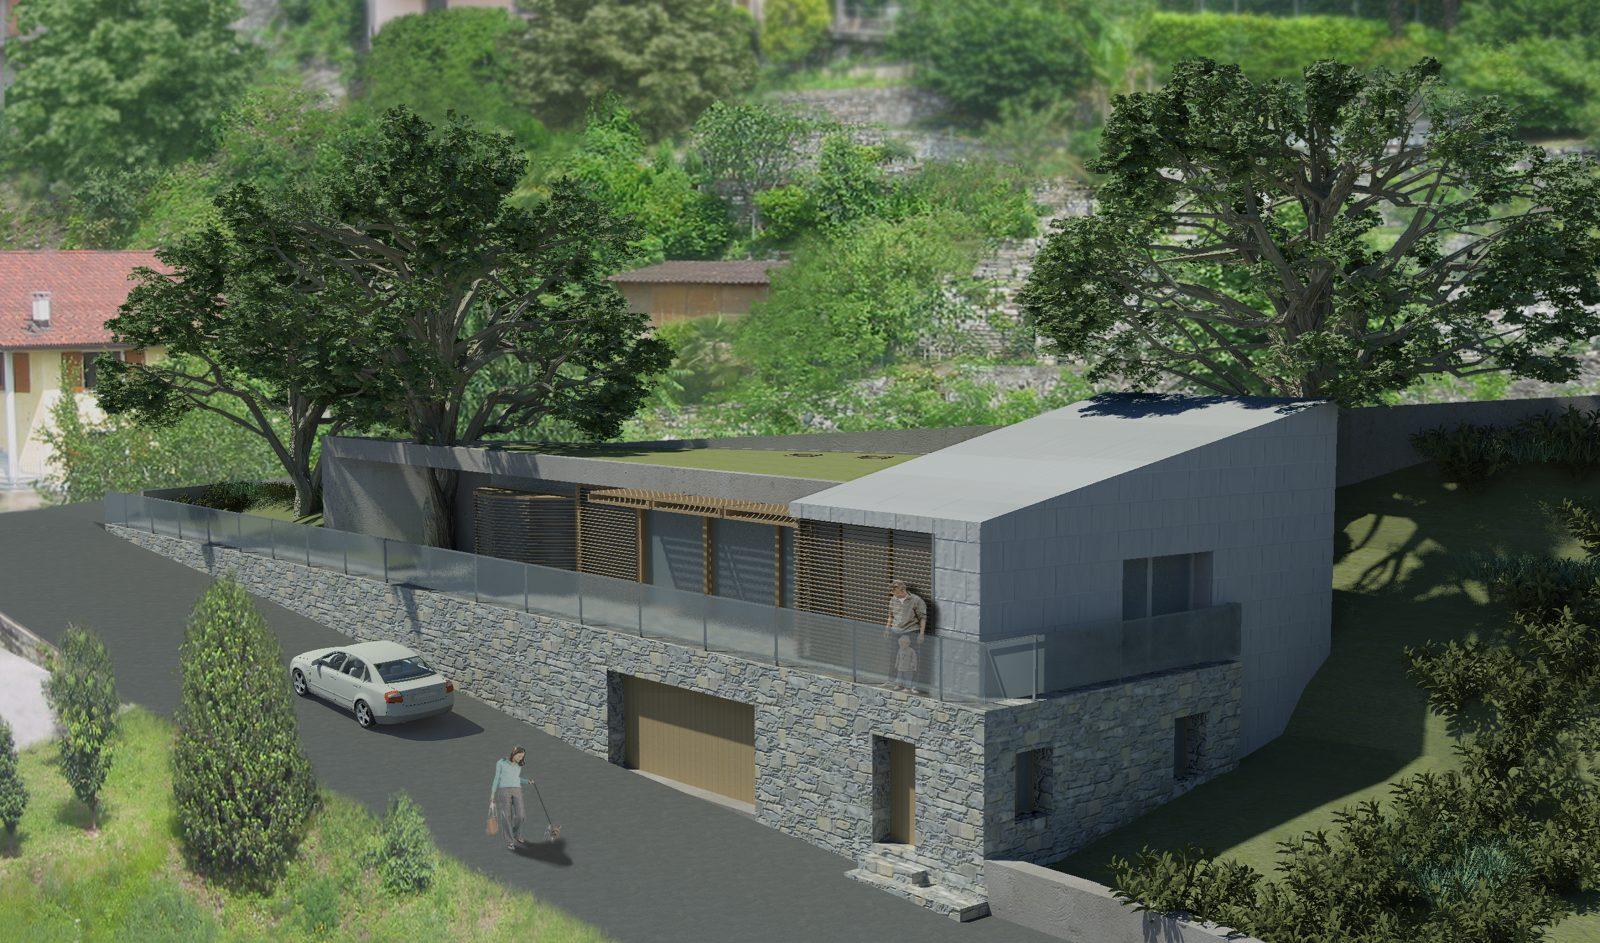 Terreno edificabile per villa singola al confine con Maslianico